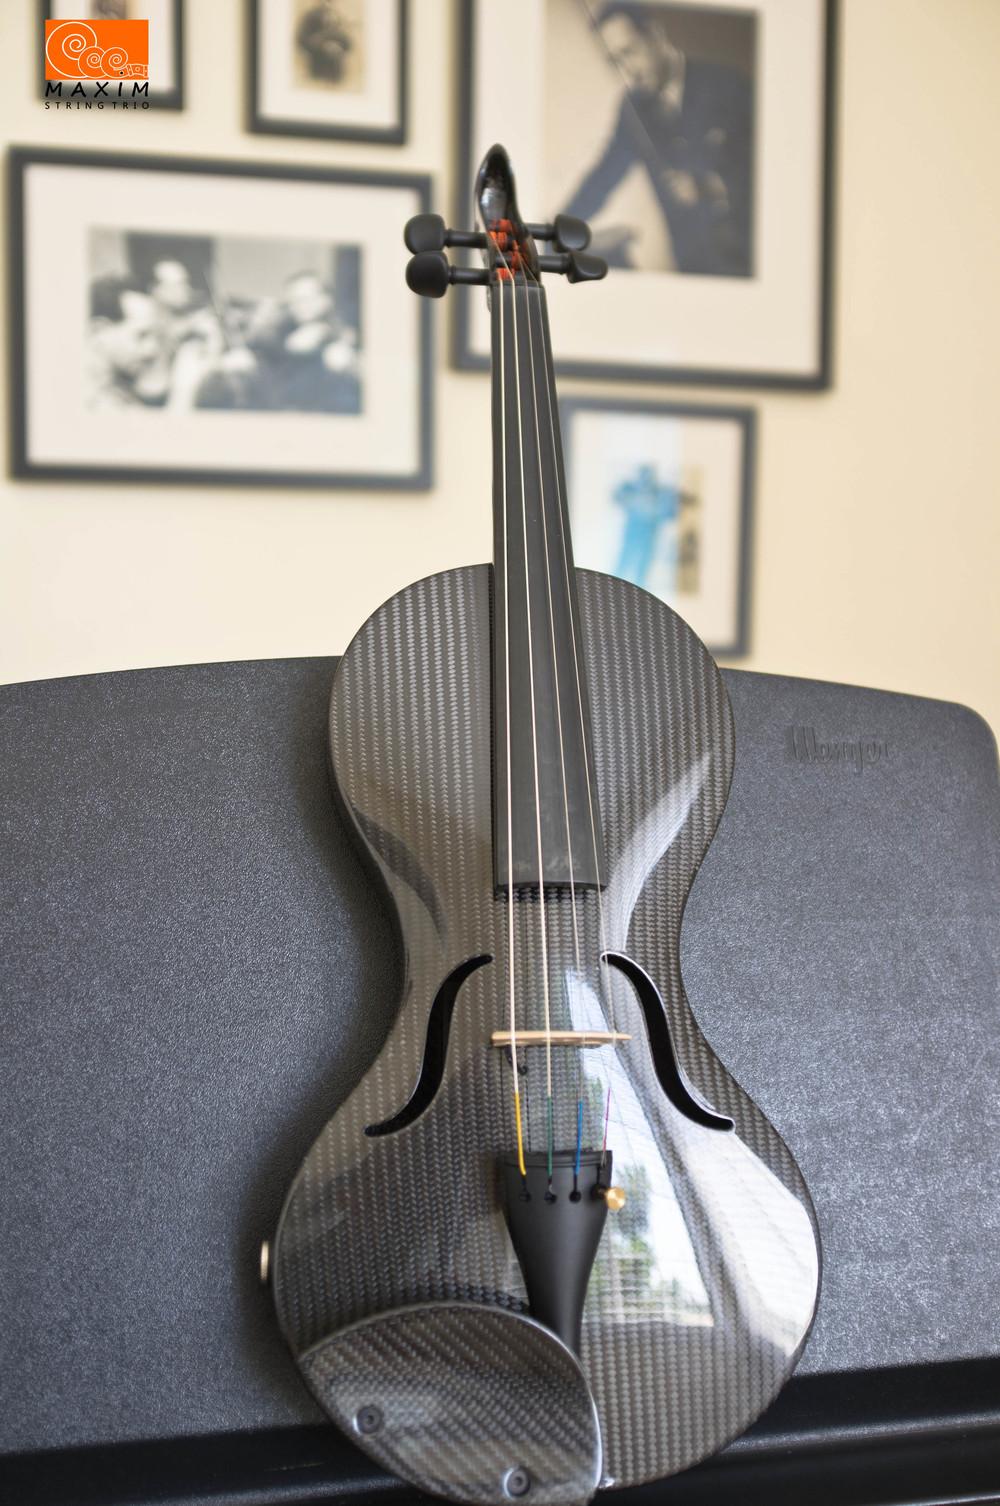 Mezzo-Forte carbon violin